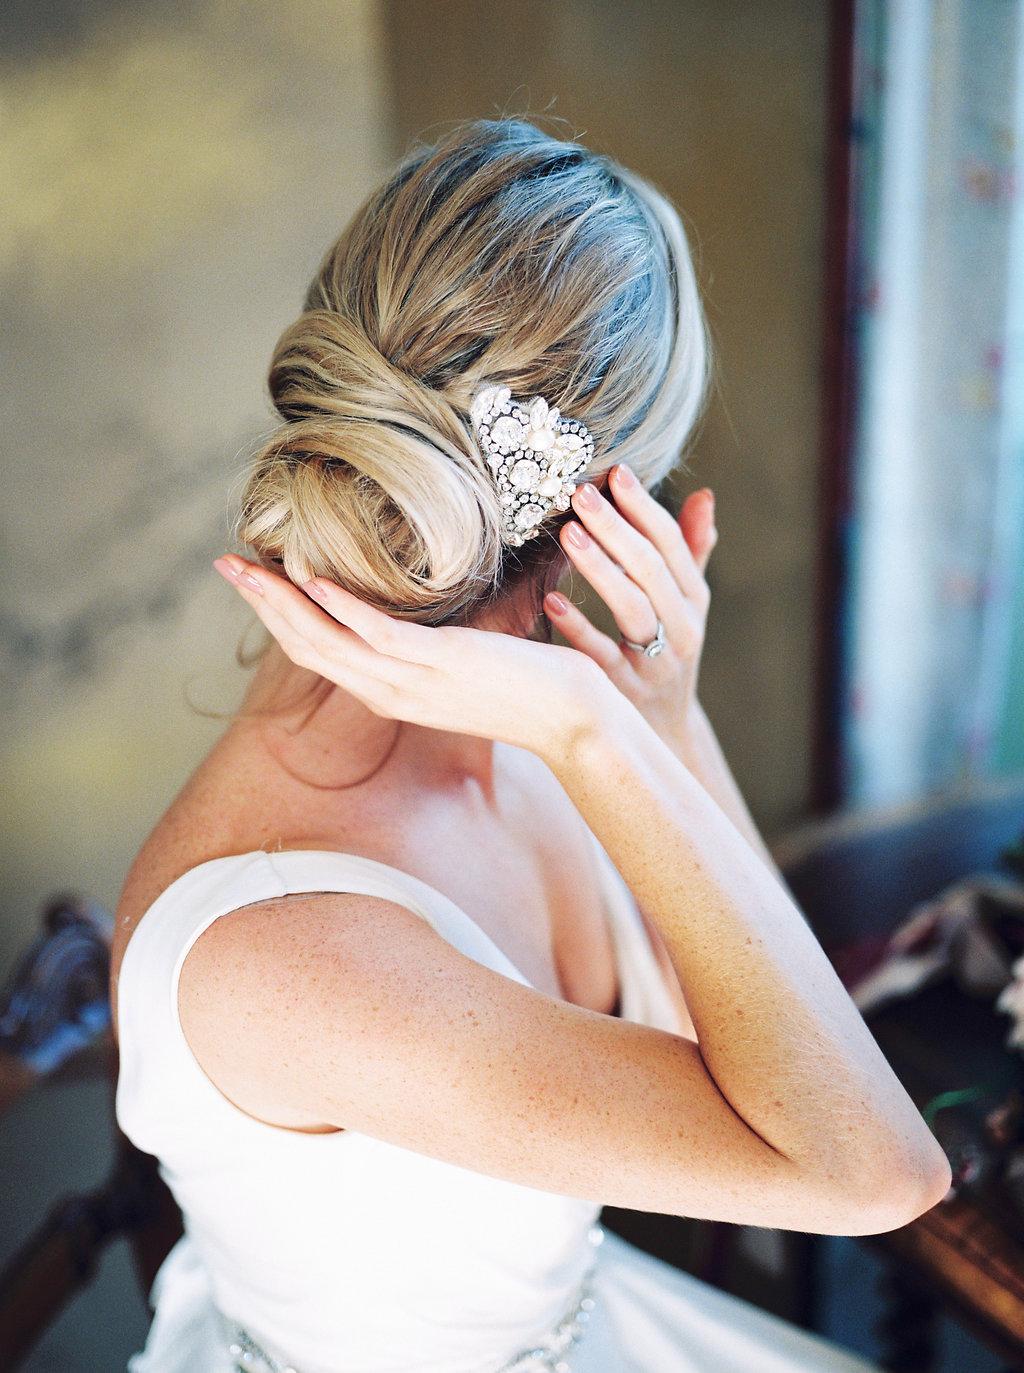 Flamenco hair comb